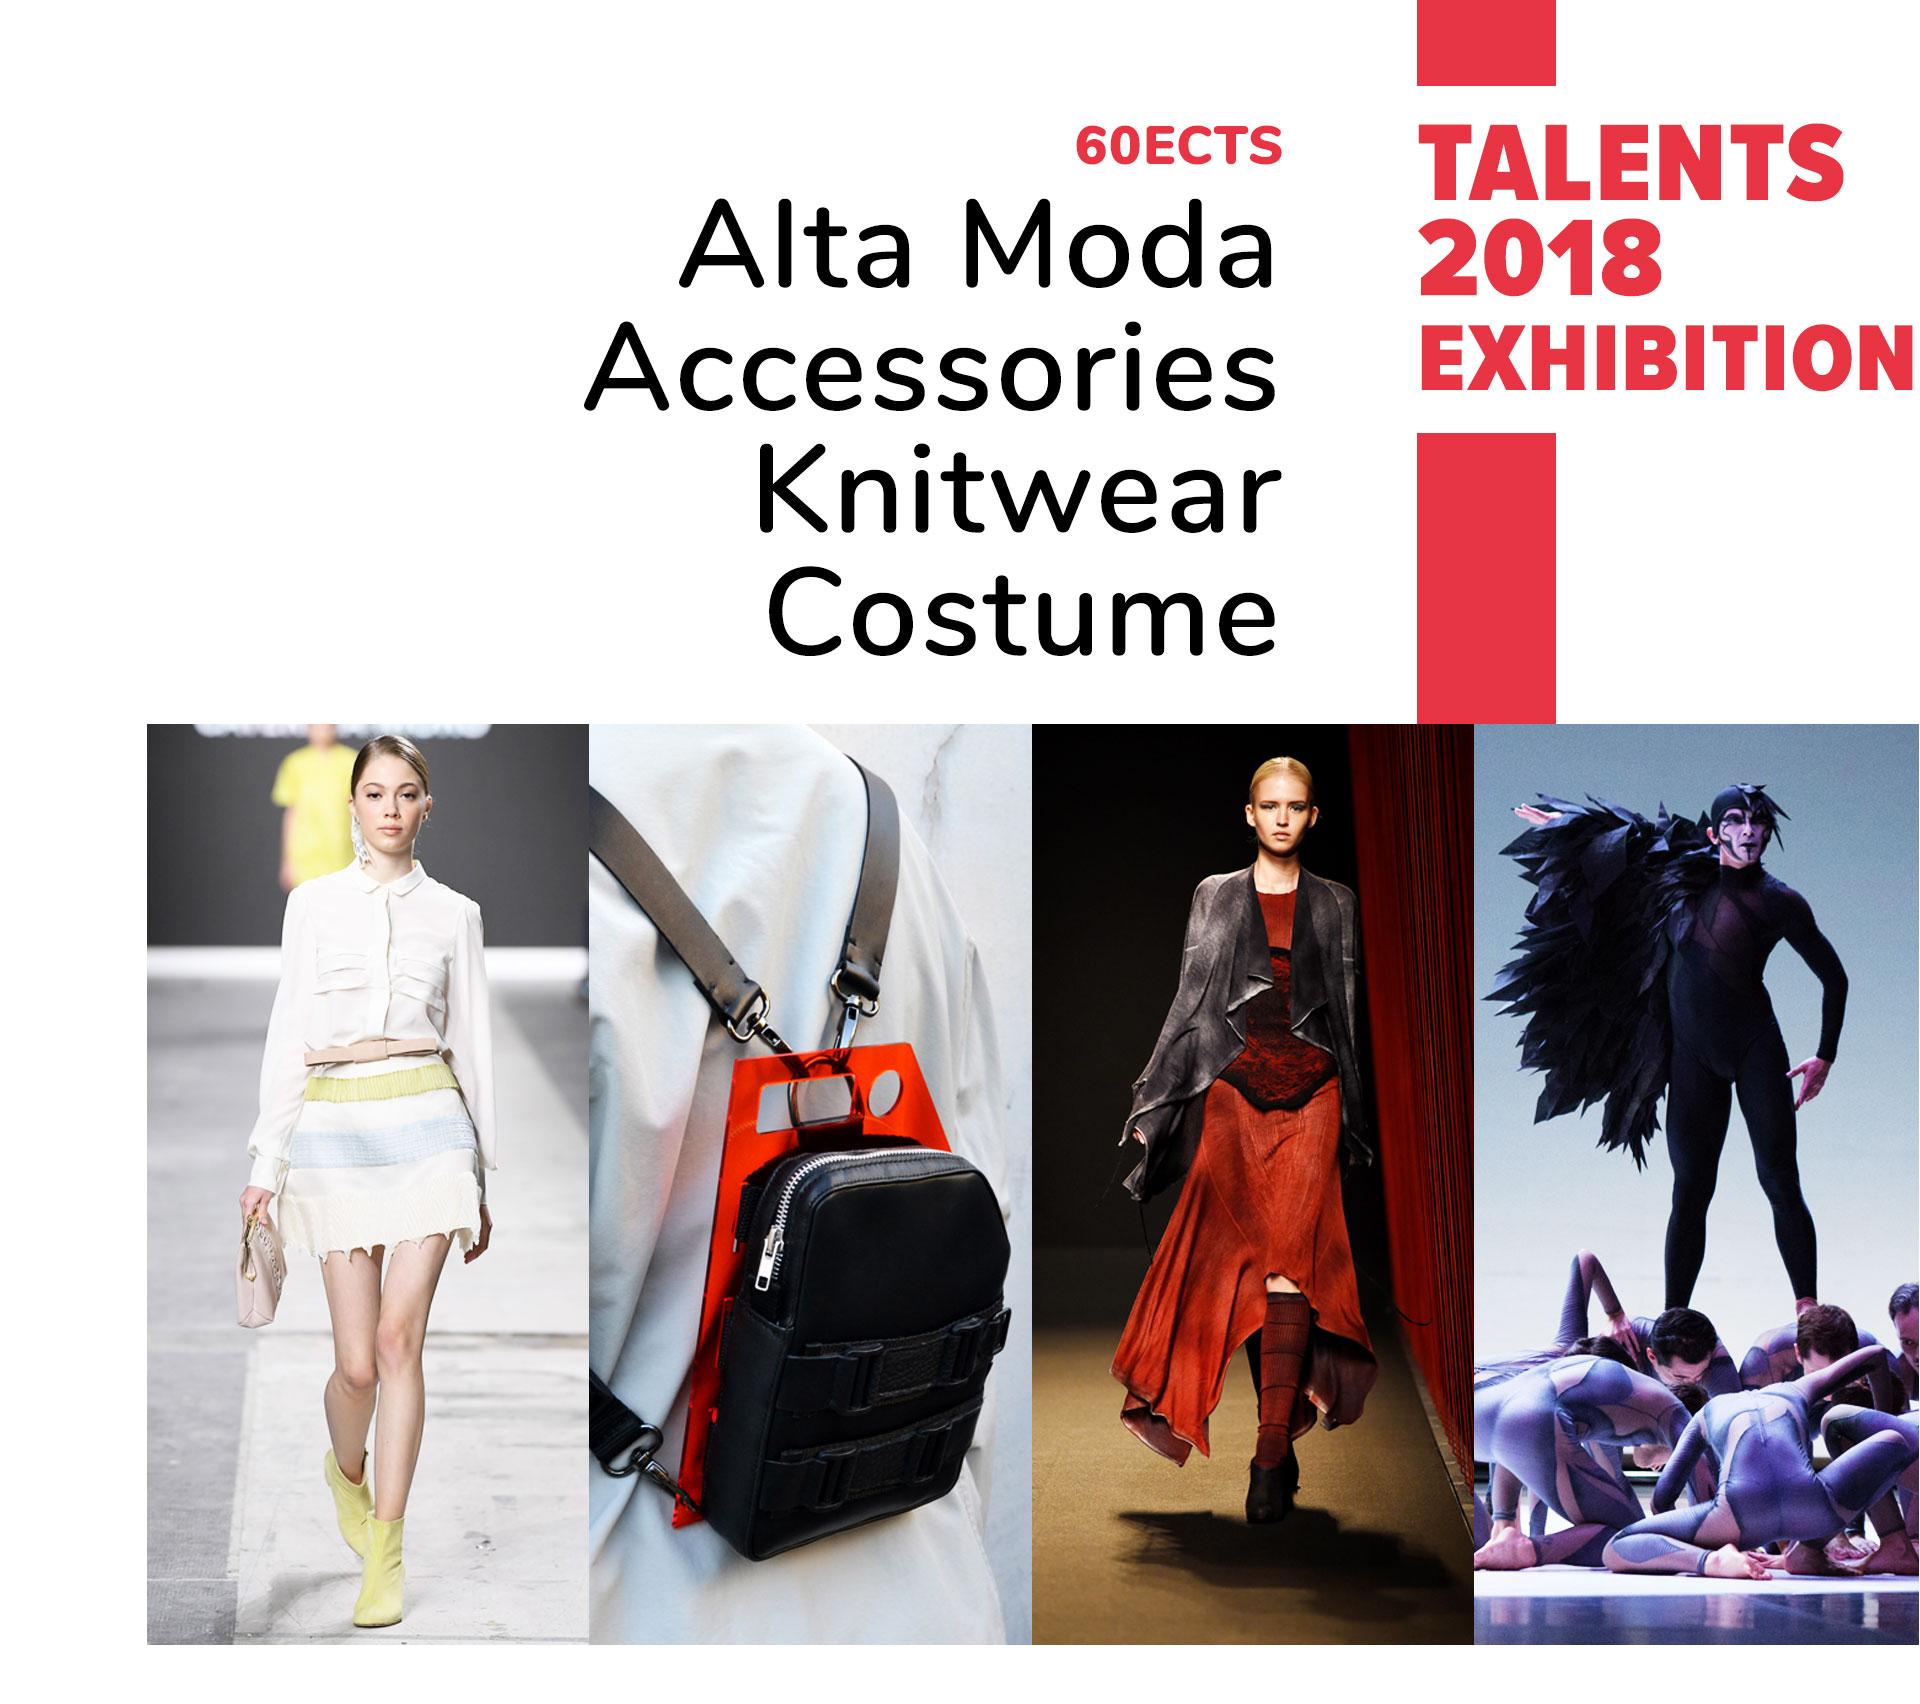 Accademia Costume e Moda | Talents 2018